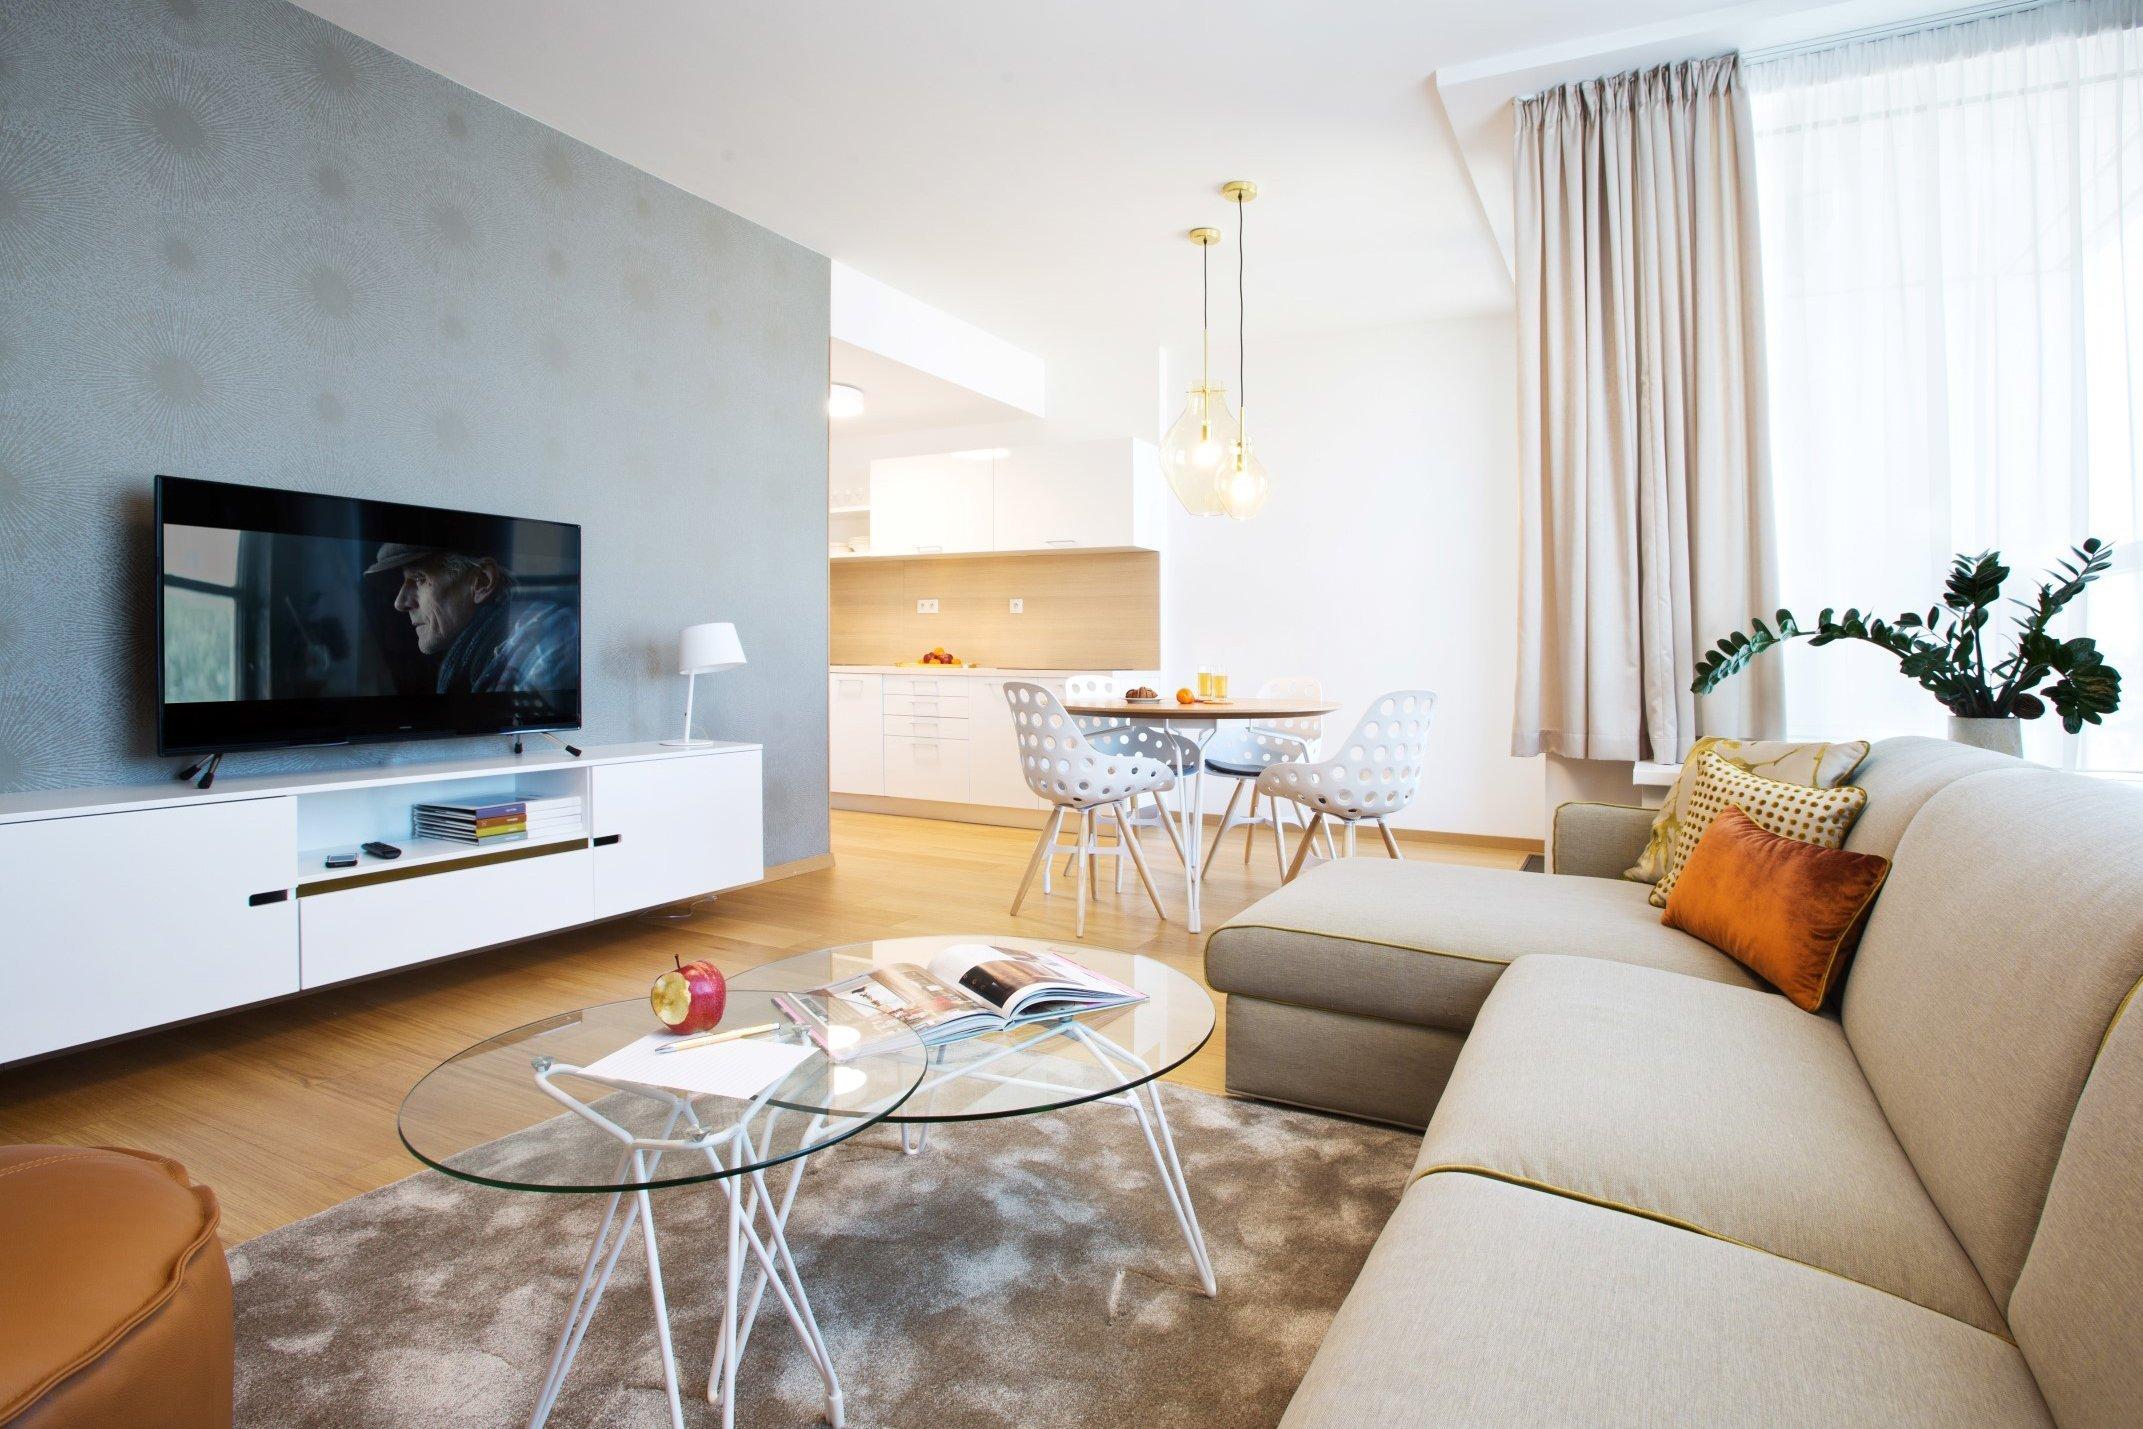 Na třicátém poschodí nového domu na nábřeží Bratislavy se nachází atraktivní byt plný světla a příjemných odstínů barev. Originální vybavení a inspirativní výhledy do okolí umocňují jeho krásu, jež přitom spočívá v absolutní přirozenosti.